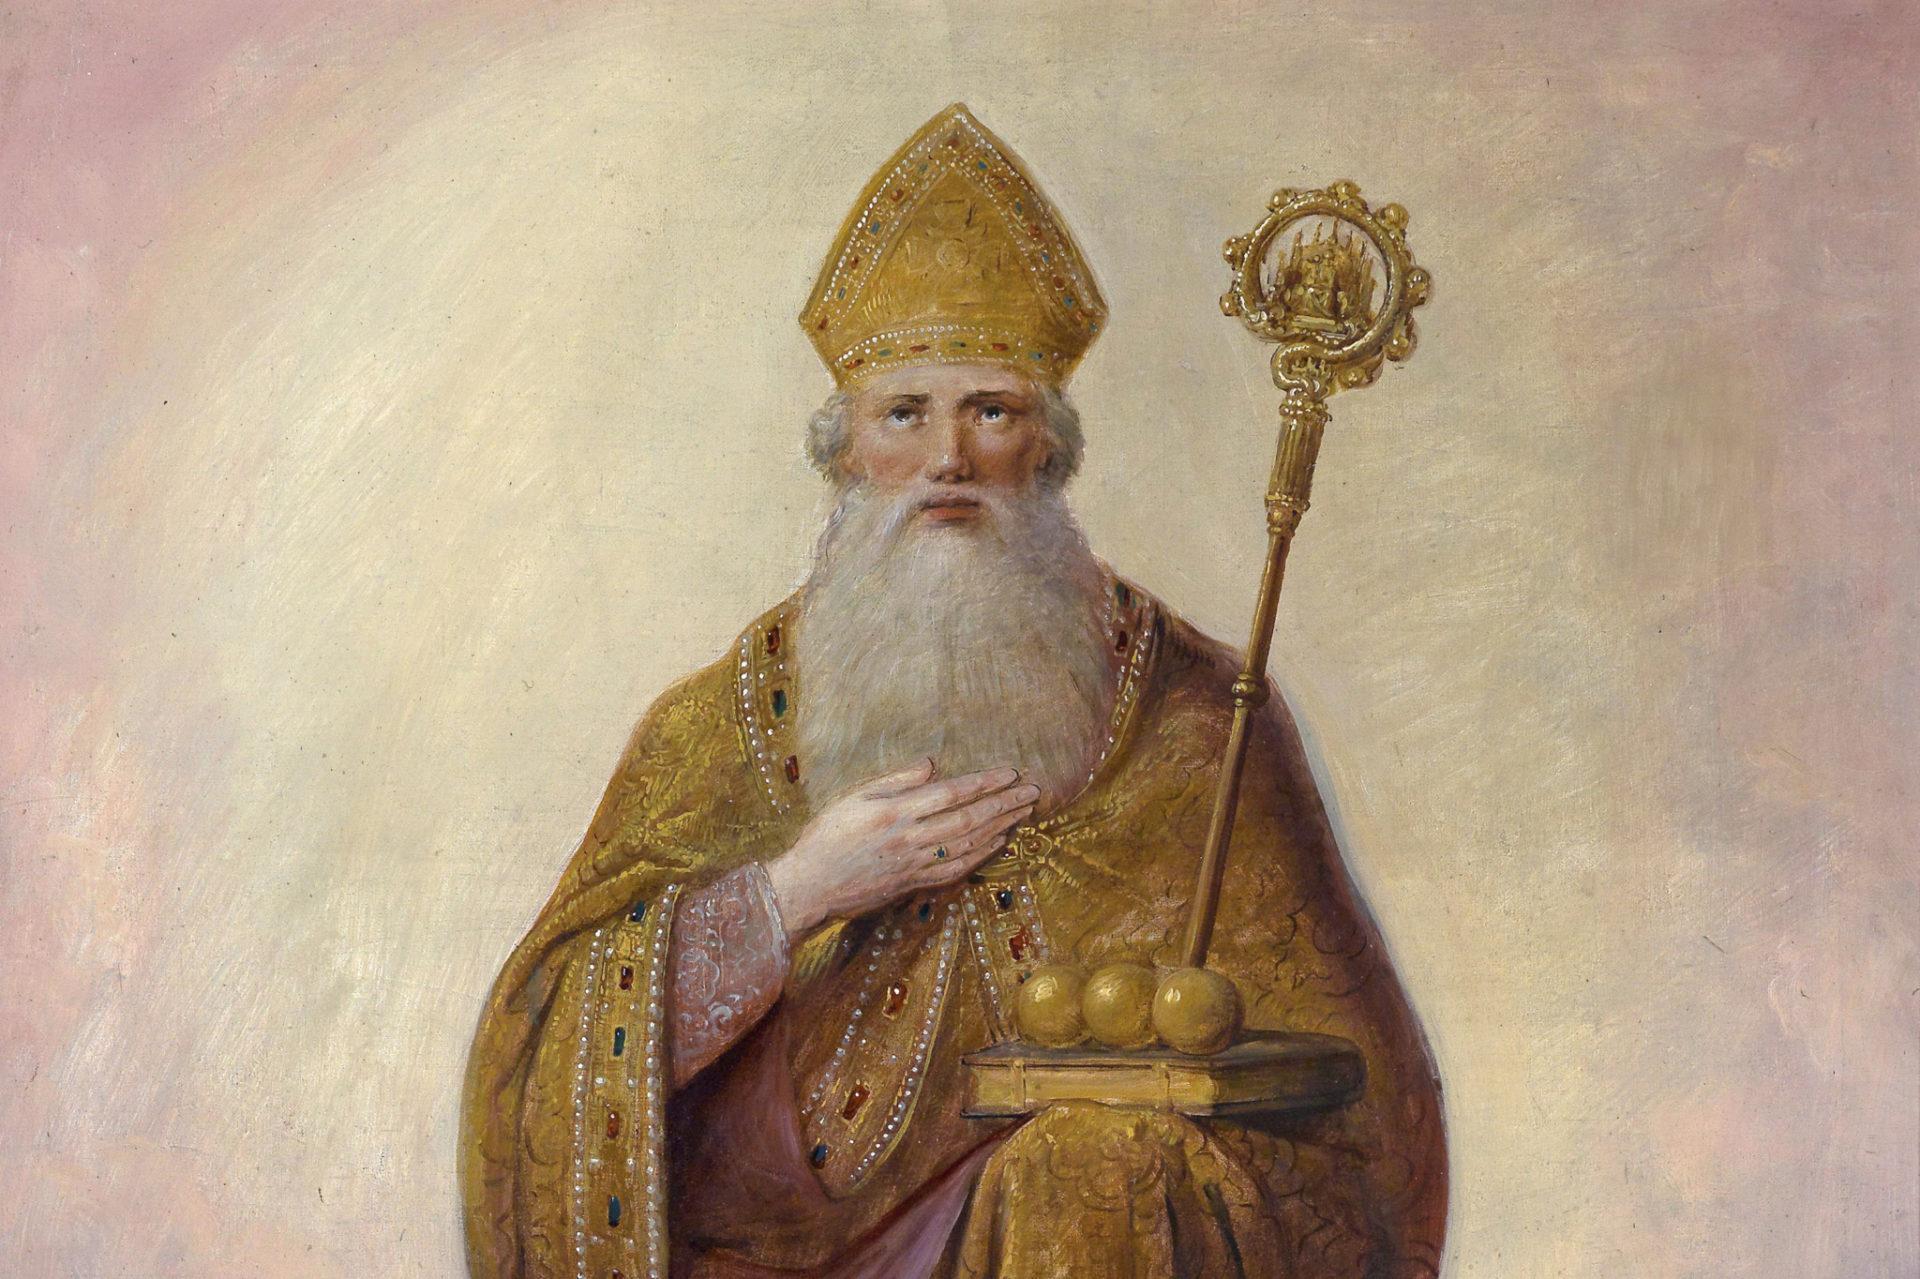 Setkání se svatým biskupem Mikulášem v Kájově